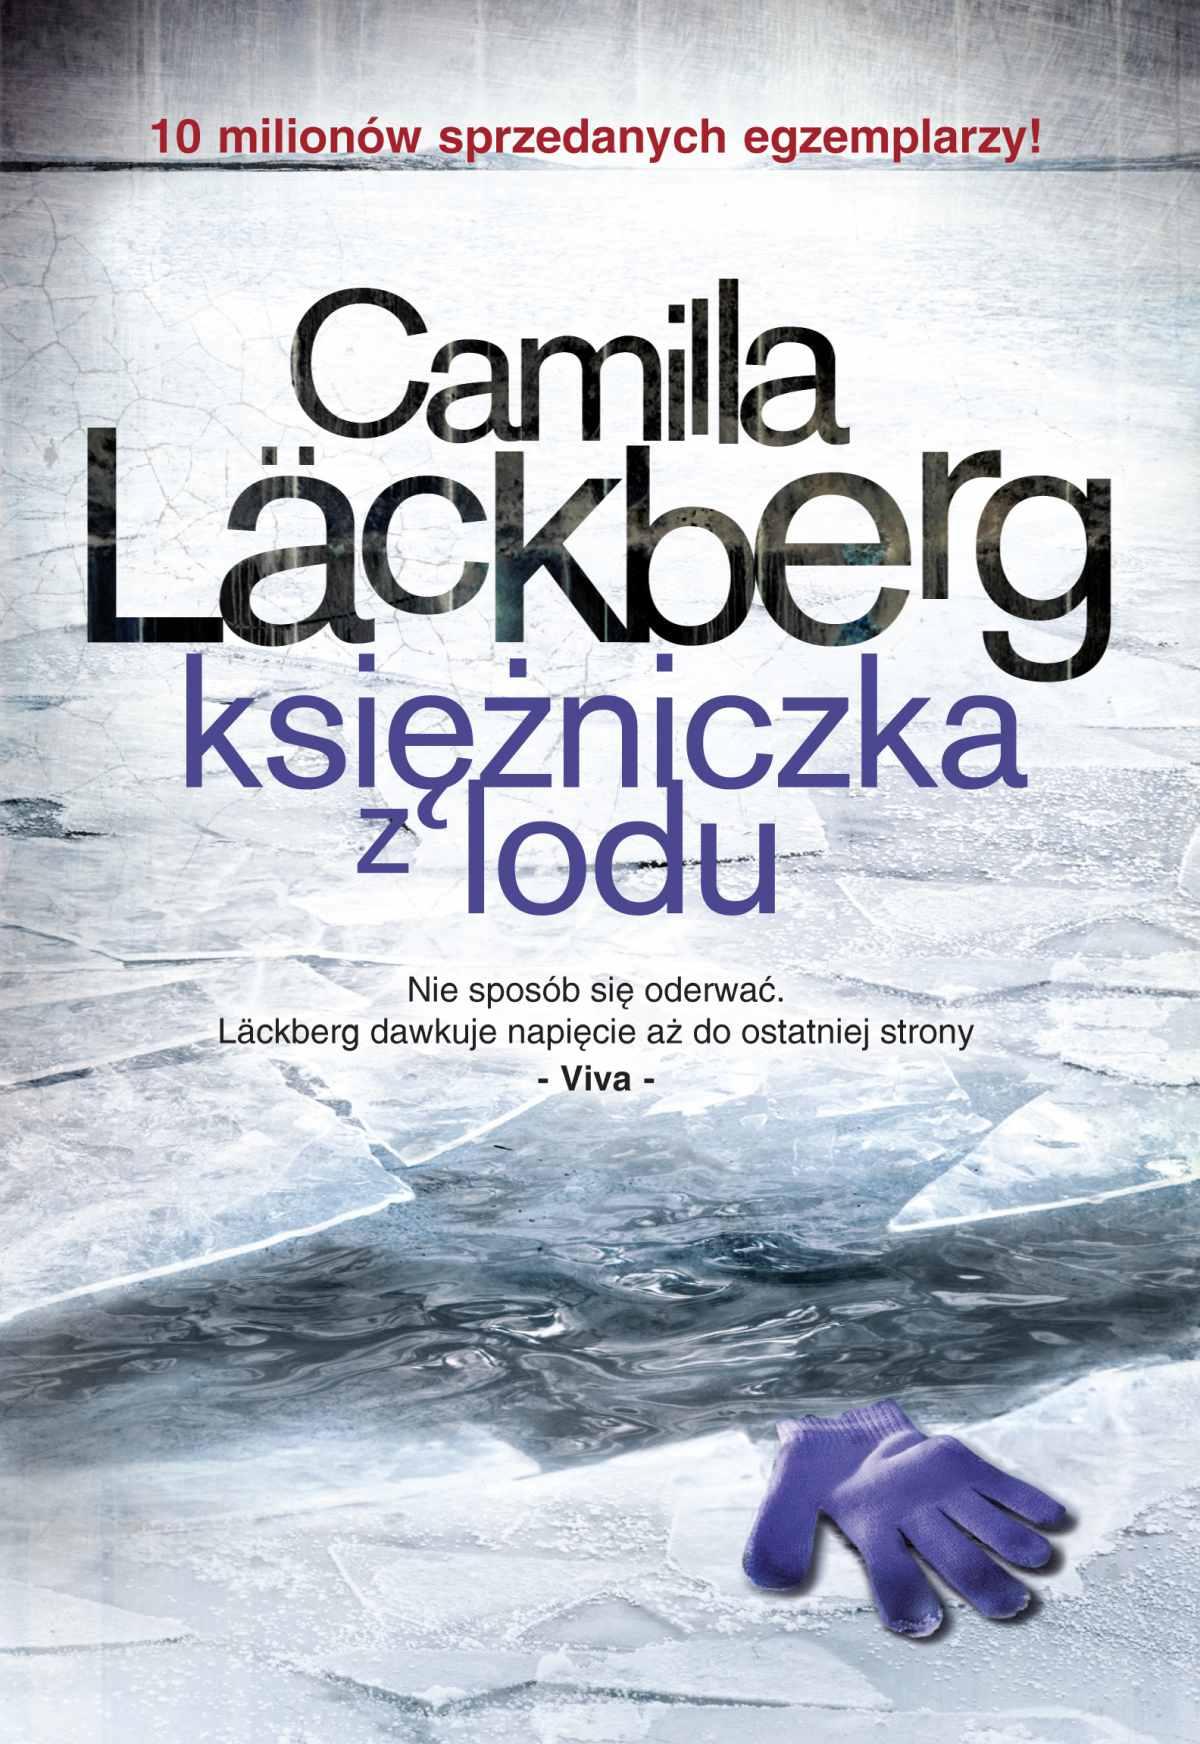 Księżniczka z lodu. Wydanie 2 - Ebook (Książka EPUB) do pobrania w formacie EPUB